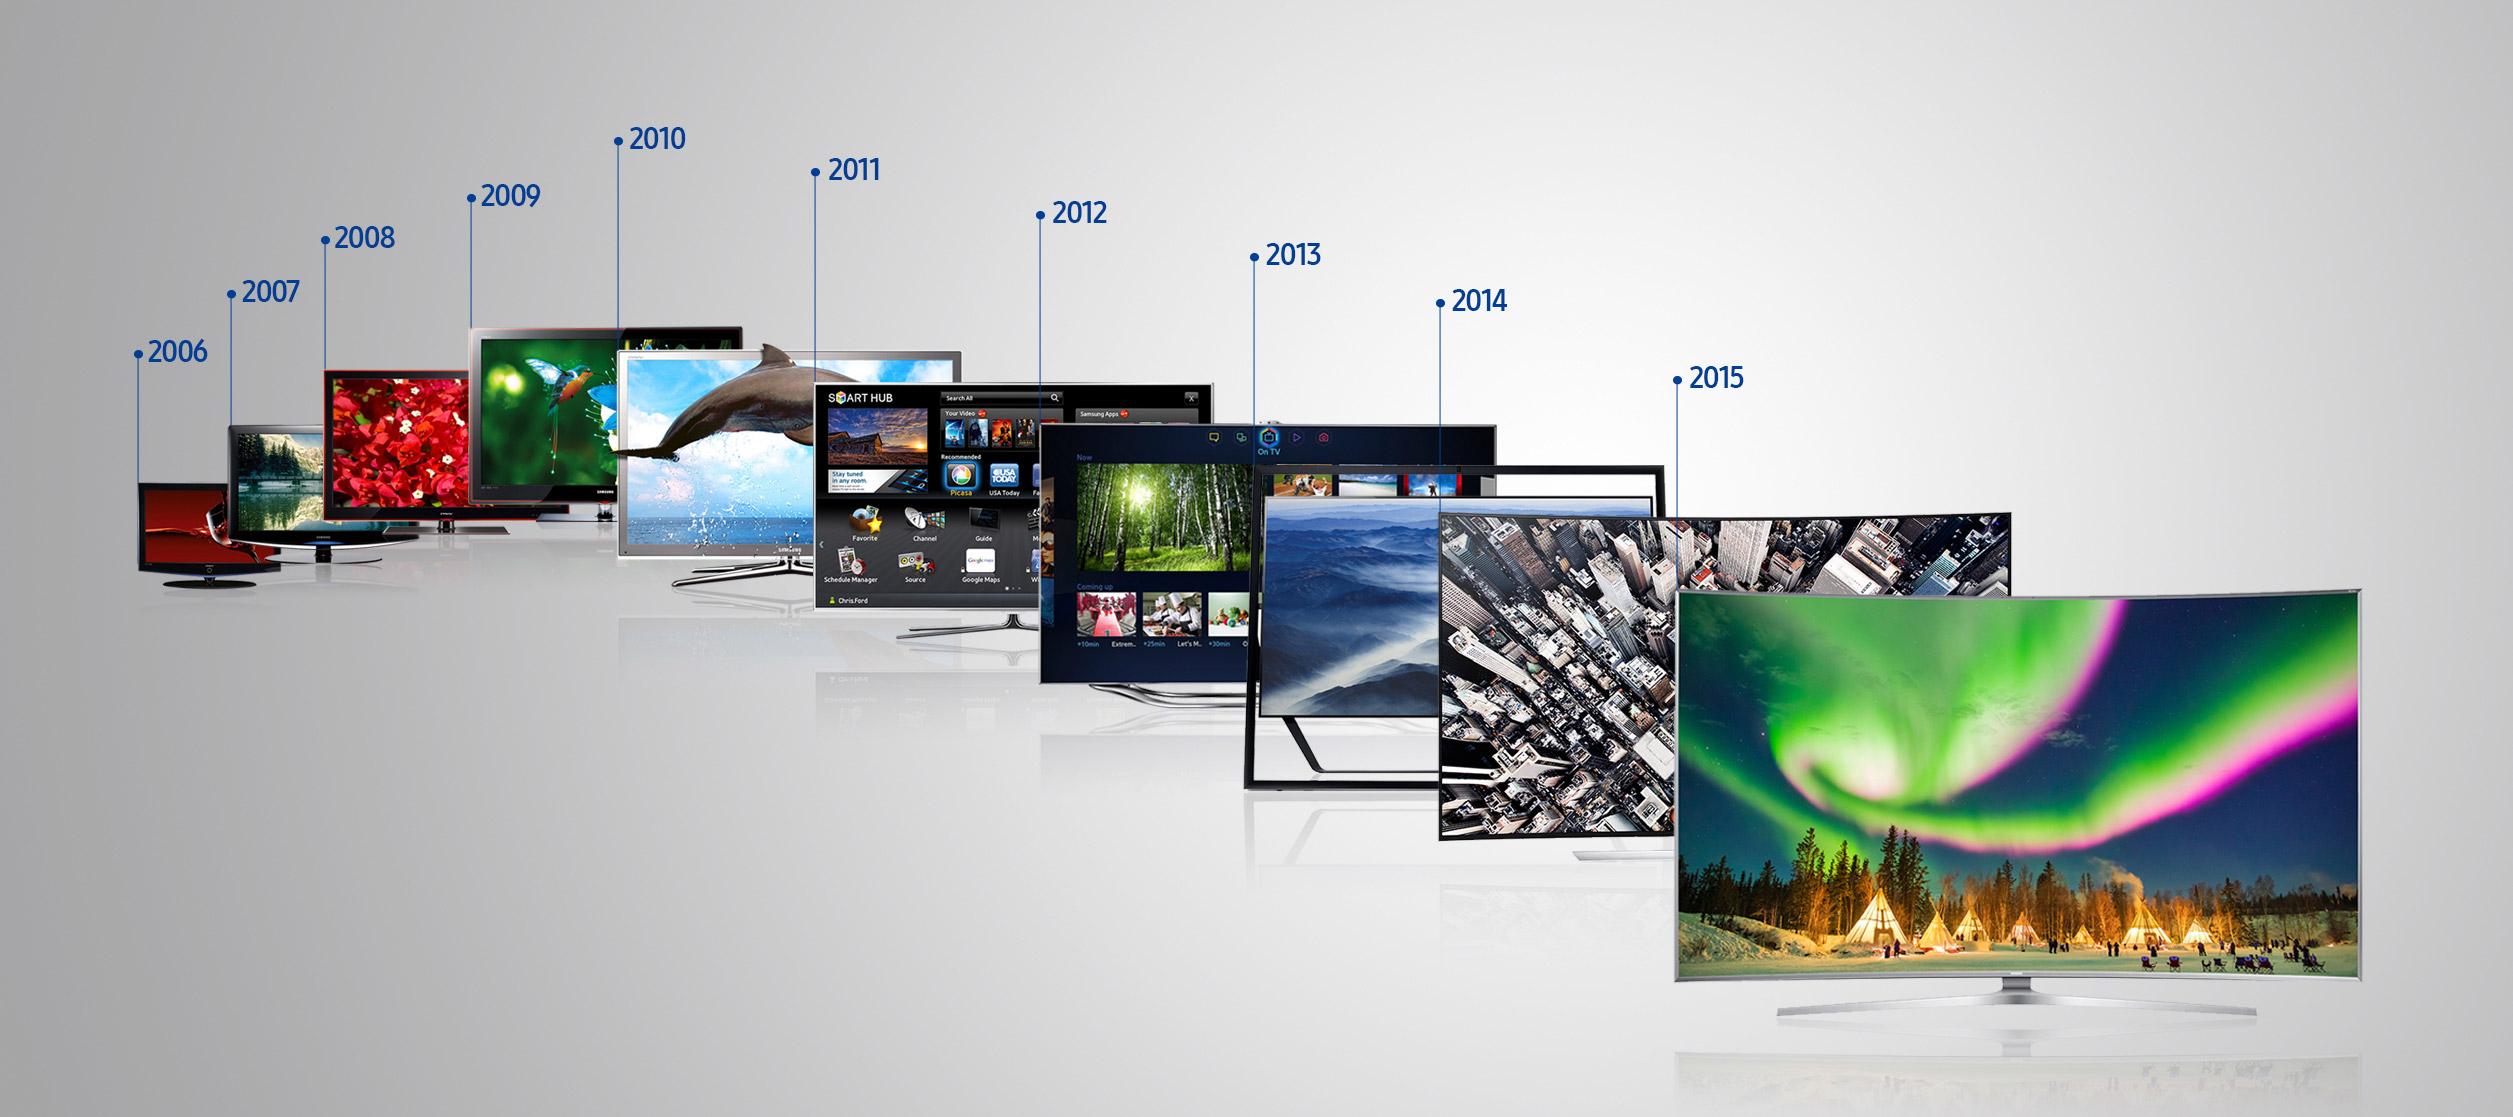 Tivi SAMSUNG ngôi vị dẫn đầu thị trường trong 10 năm nay